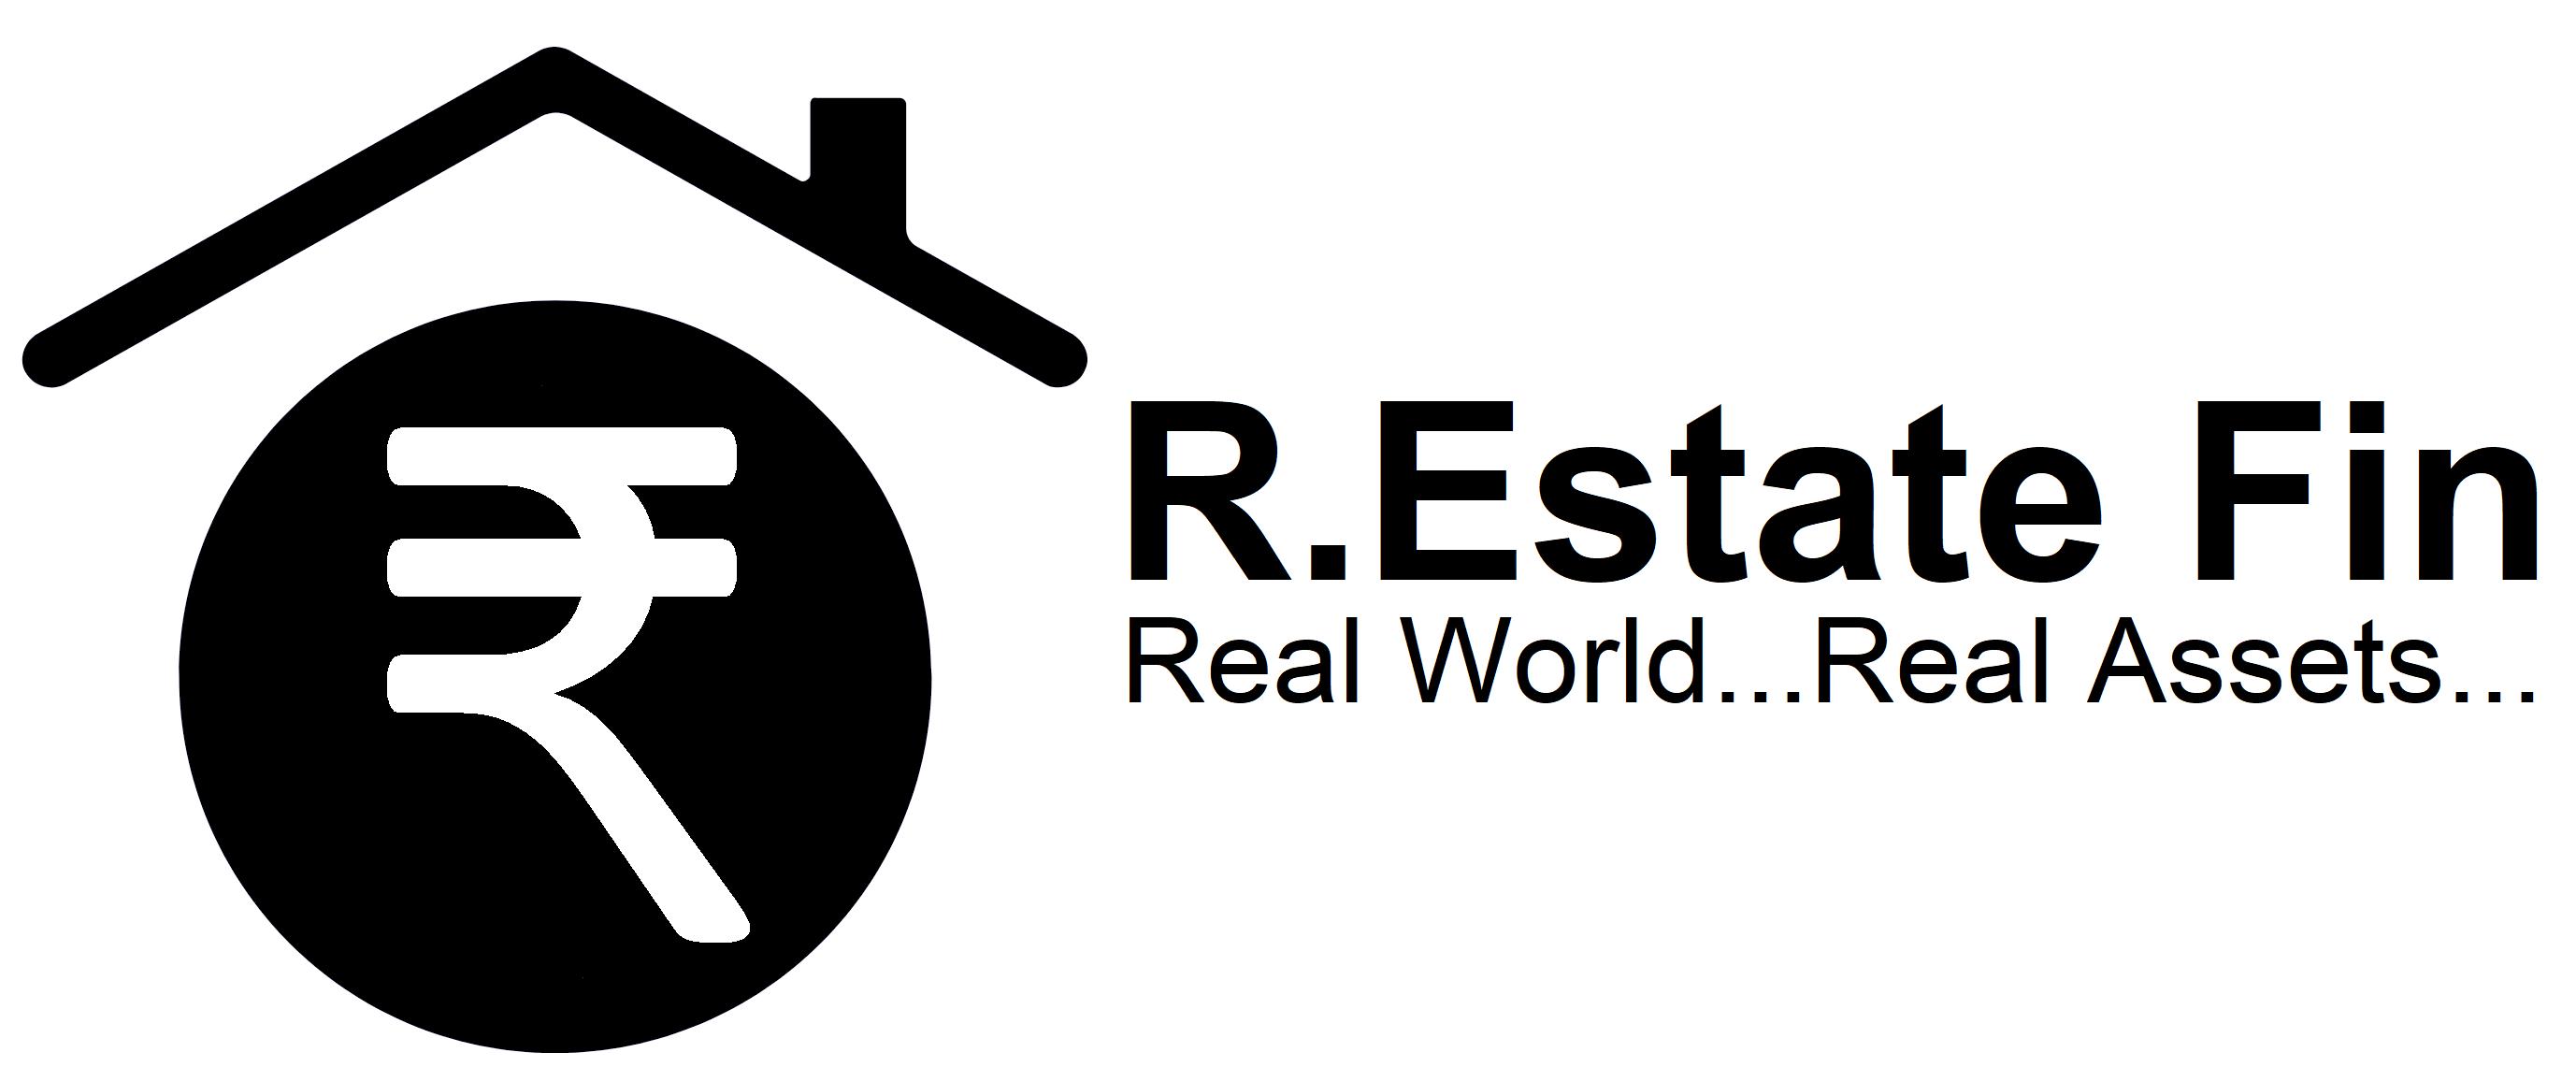 R.Estate Fin Logo